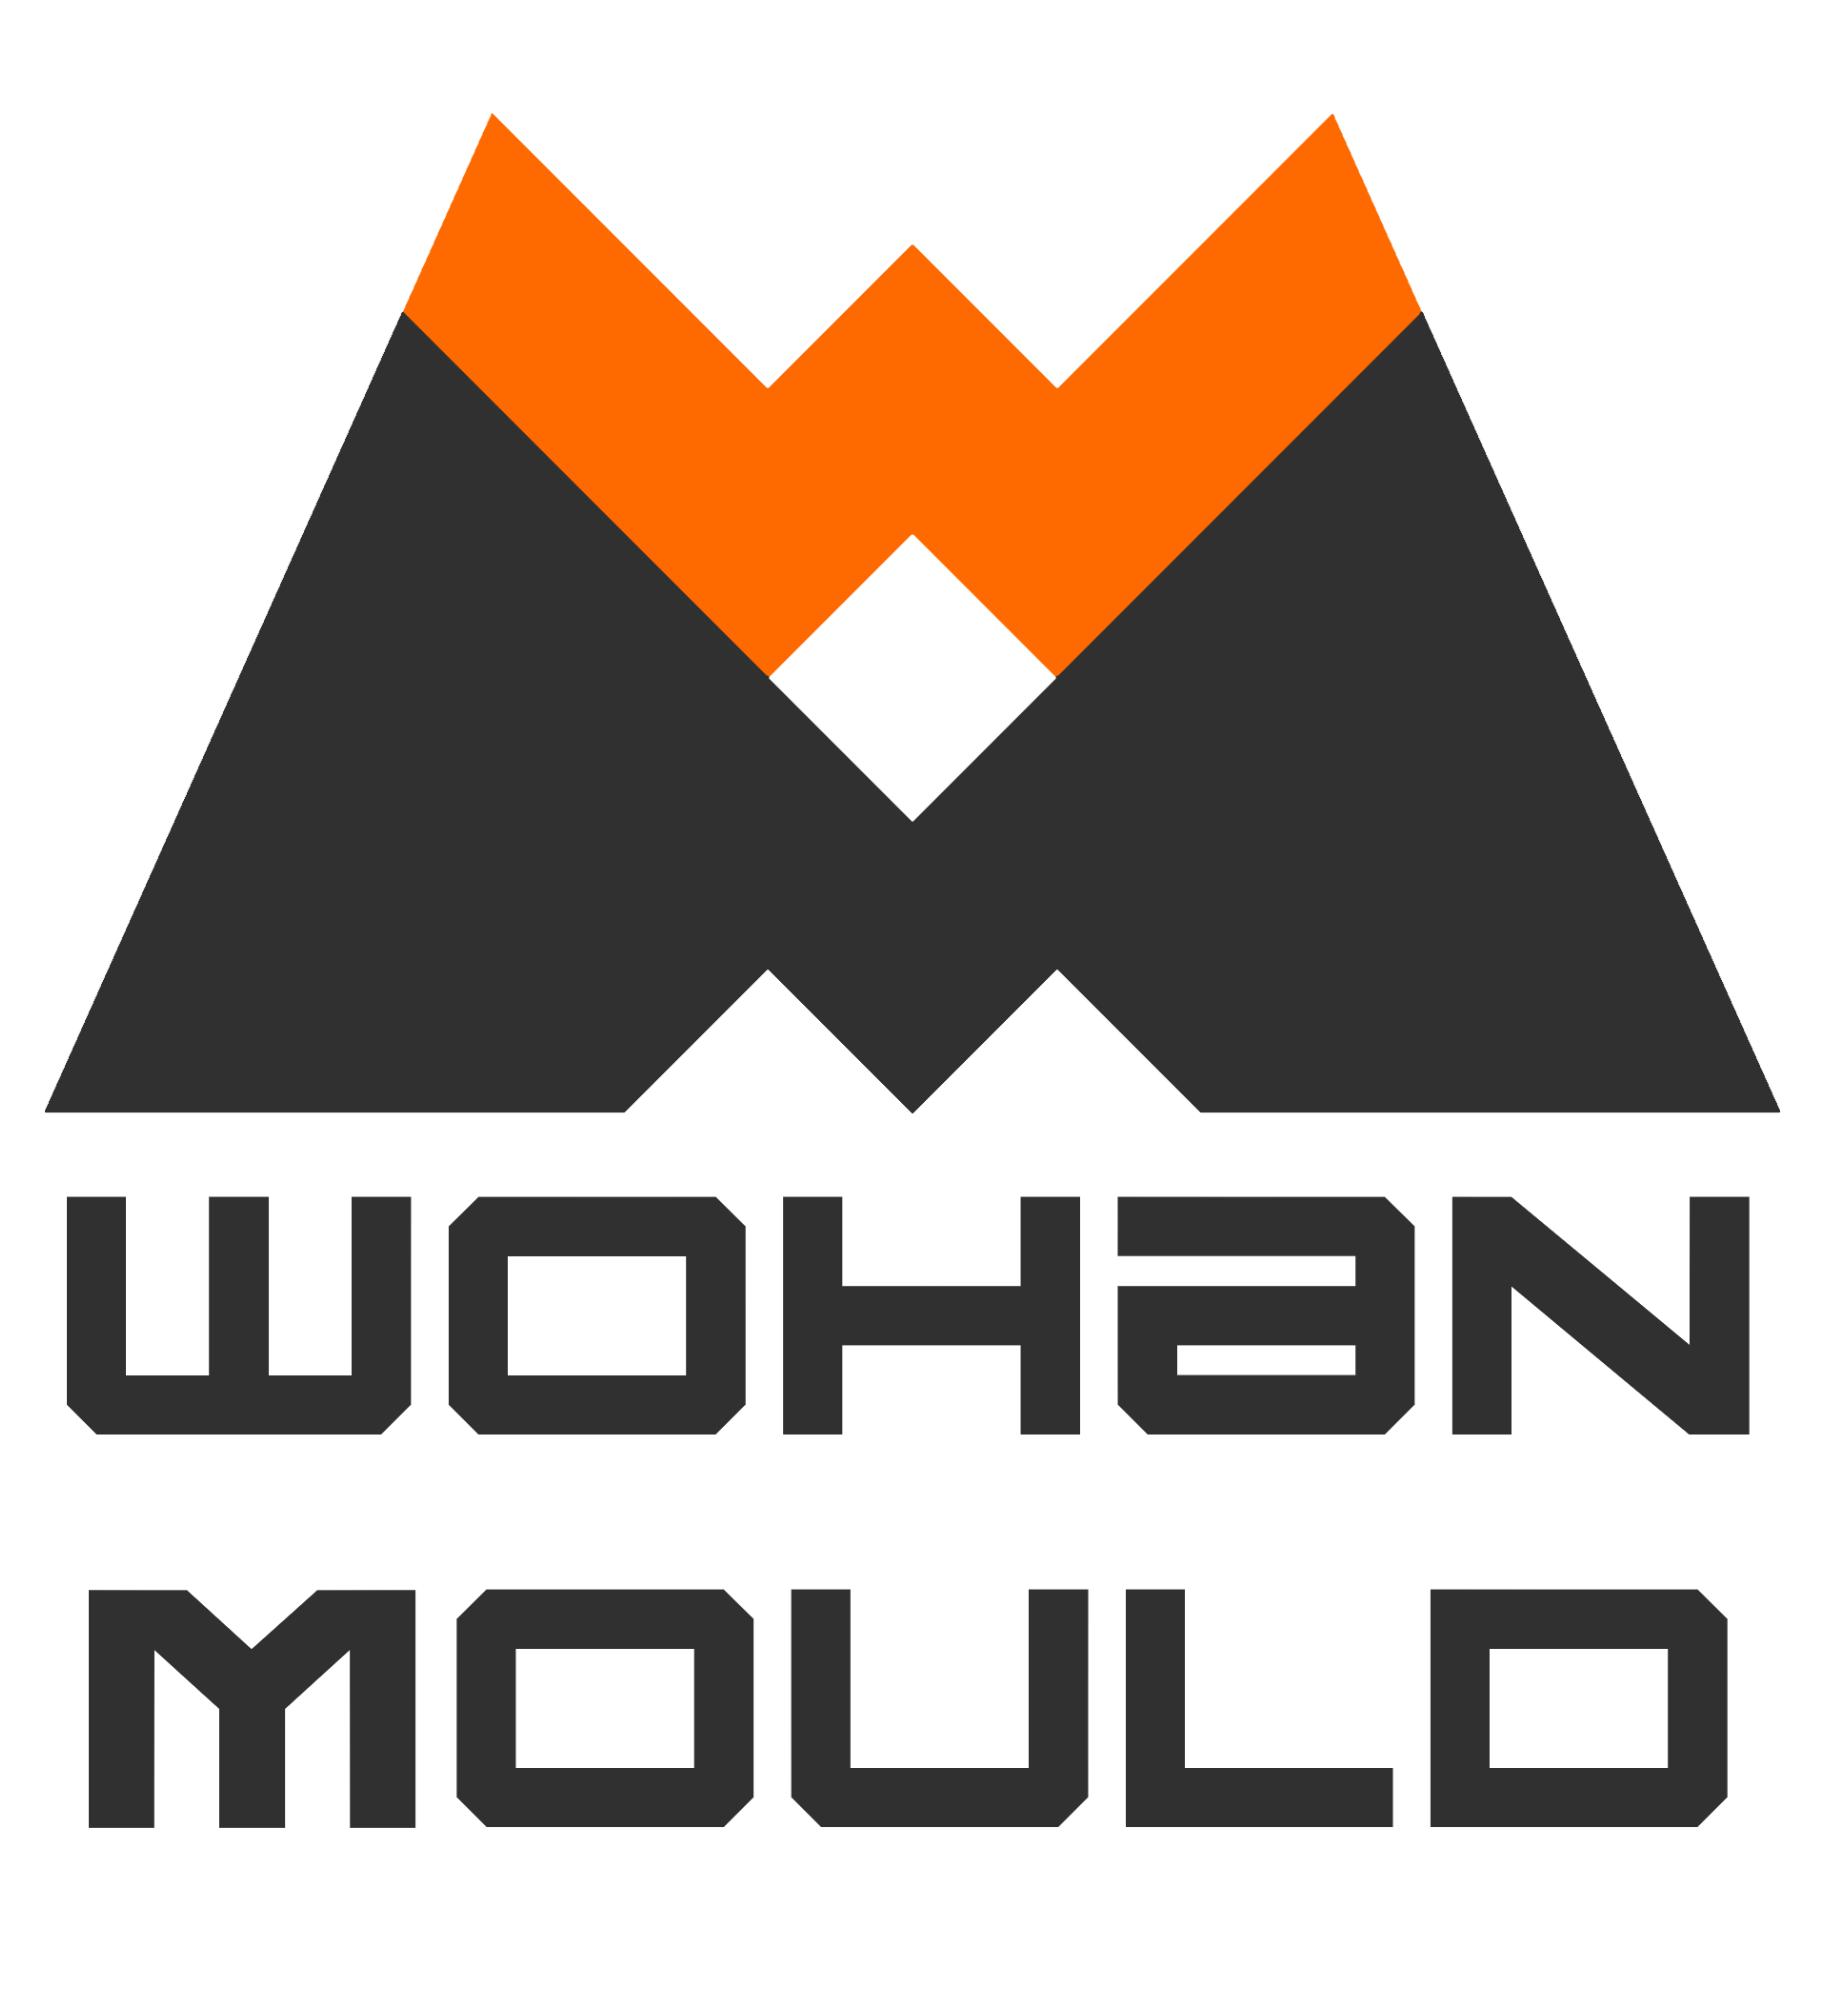 Создать логотип для фабрики пресс-форм фото f_8305996d4f9526a5.png